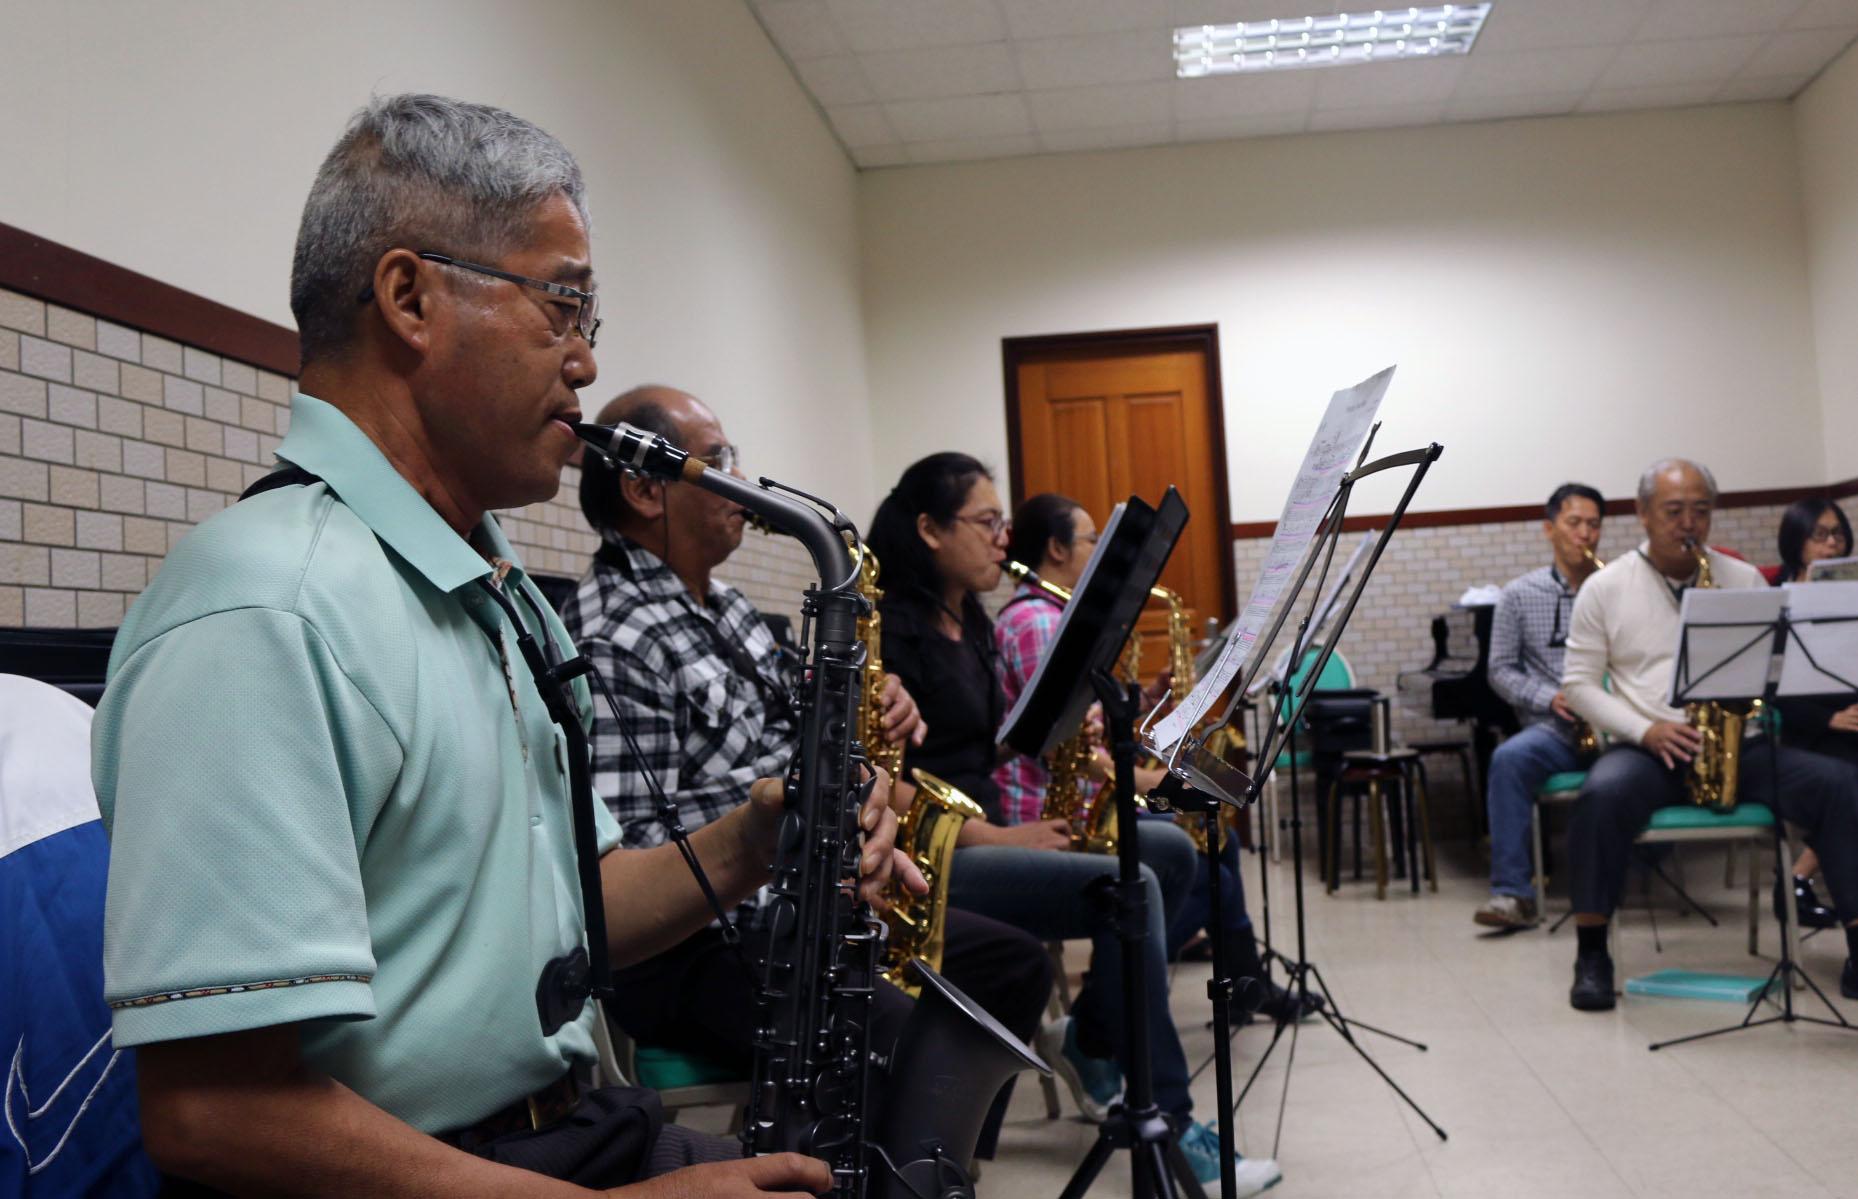 薩克斯風課程,讓年長者可以學習音樂、訓練腦力。攝影/劉建佑